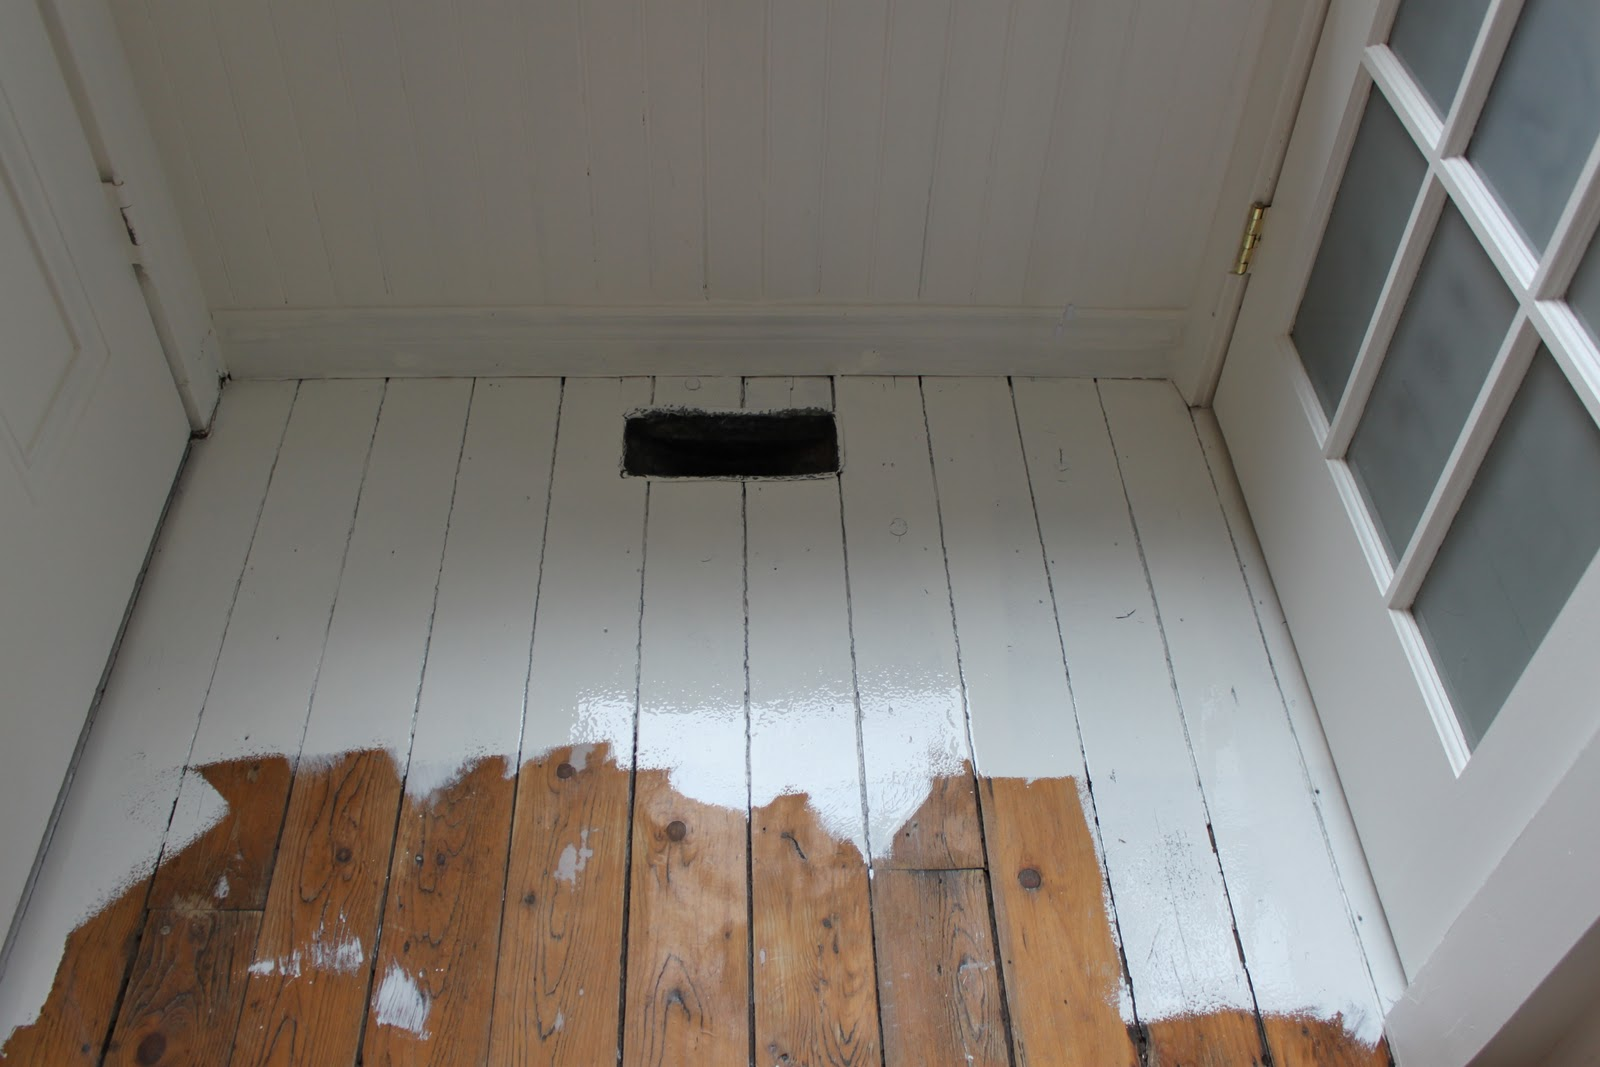 Witte Keuken Schilderen : Woonkamer vloer schilderen woonkamer spuiten schilderen wit werkspot